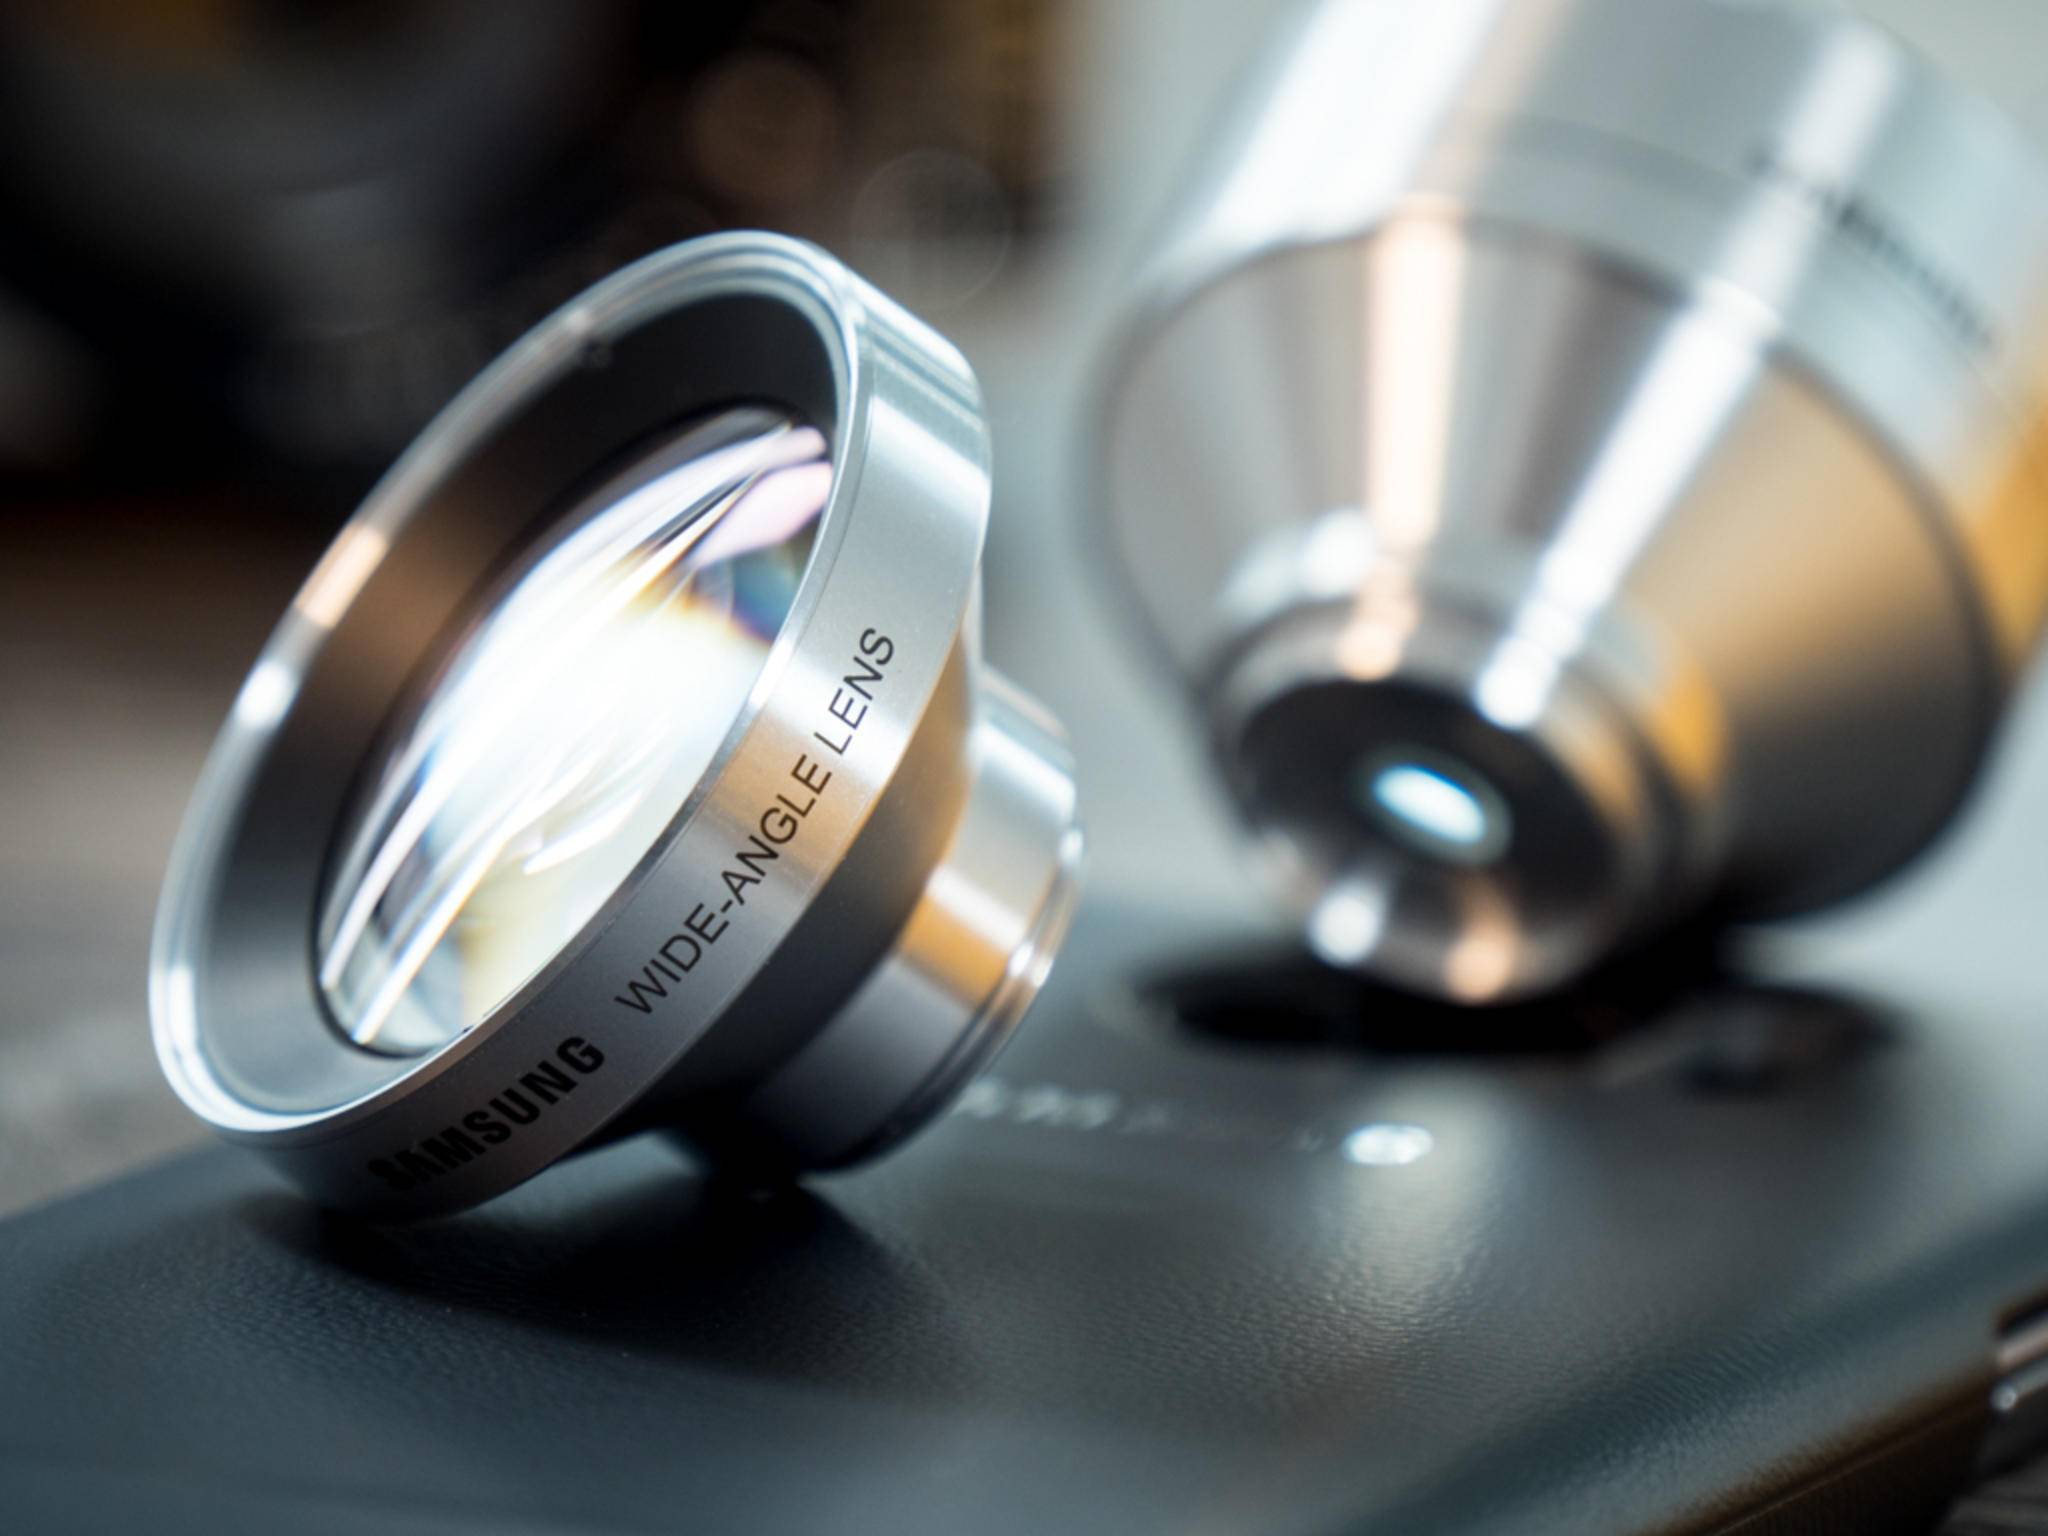 Wir haben die Lens Cover für das Galaxy S7 getestet.